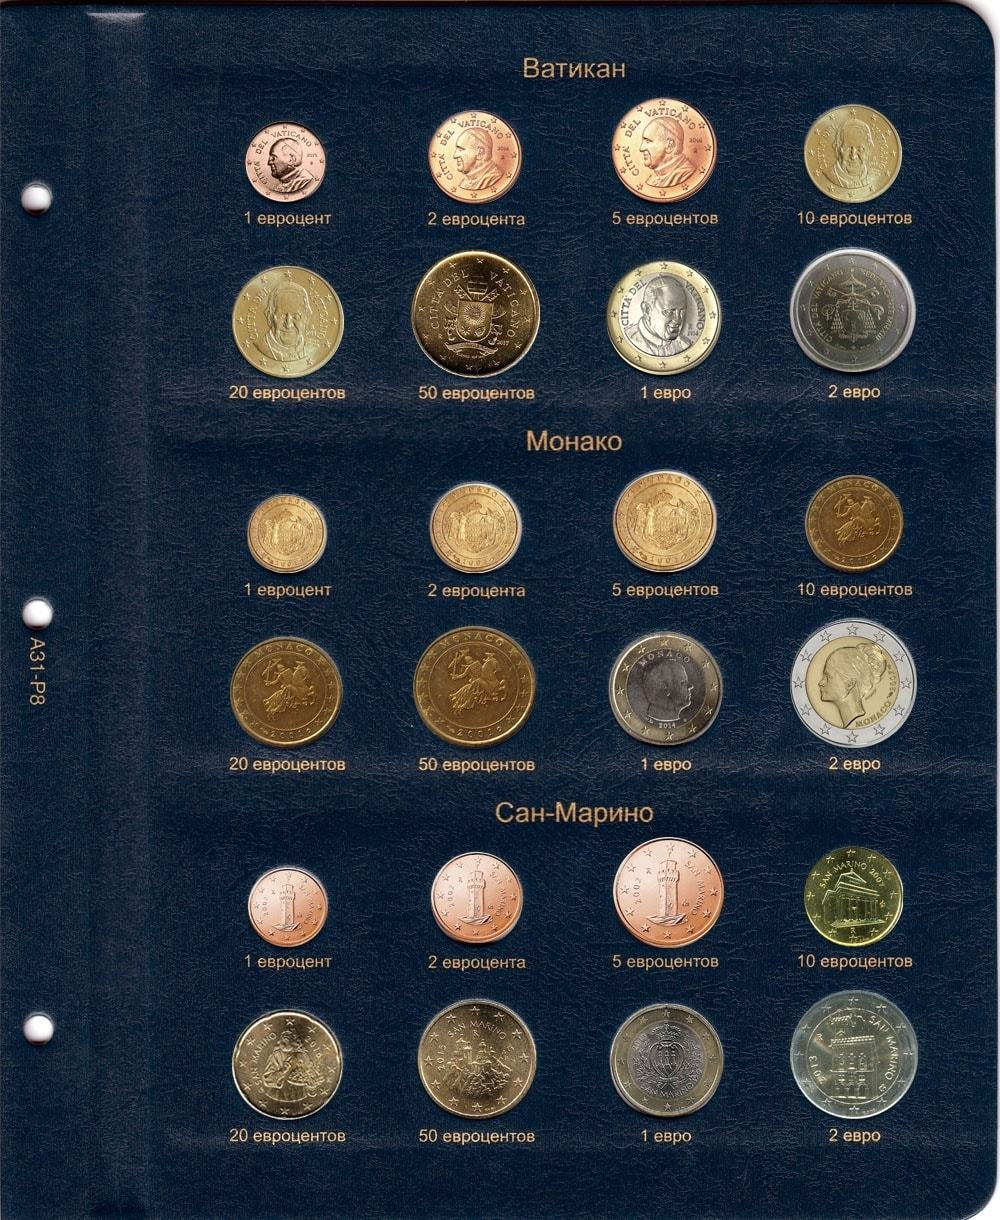 купить монеты россии стоимость каталог цены